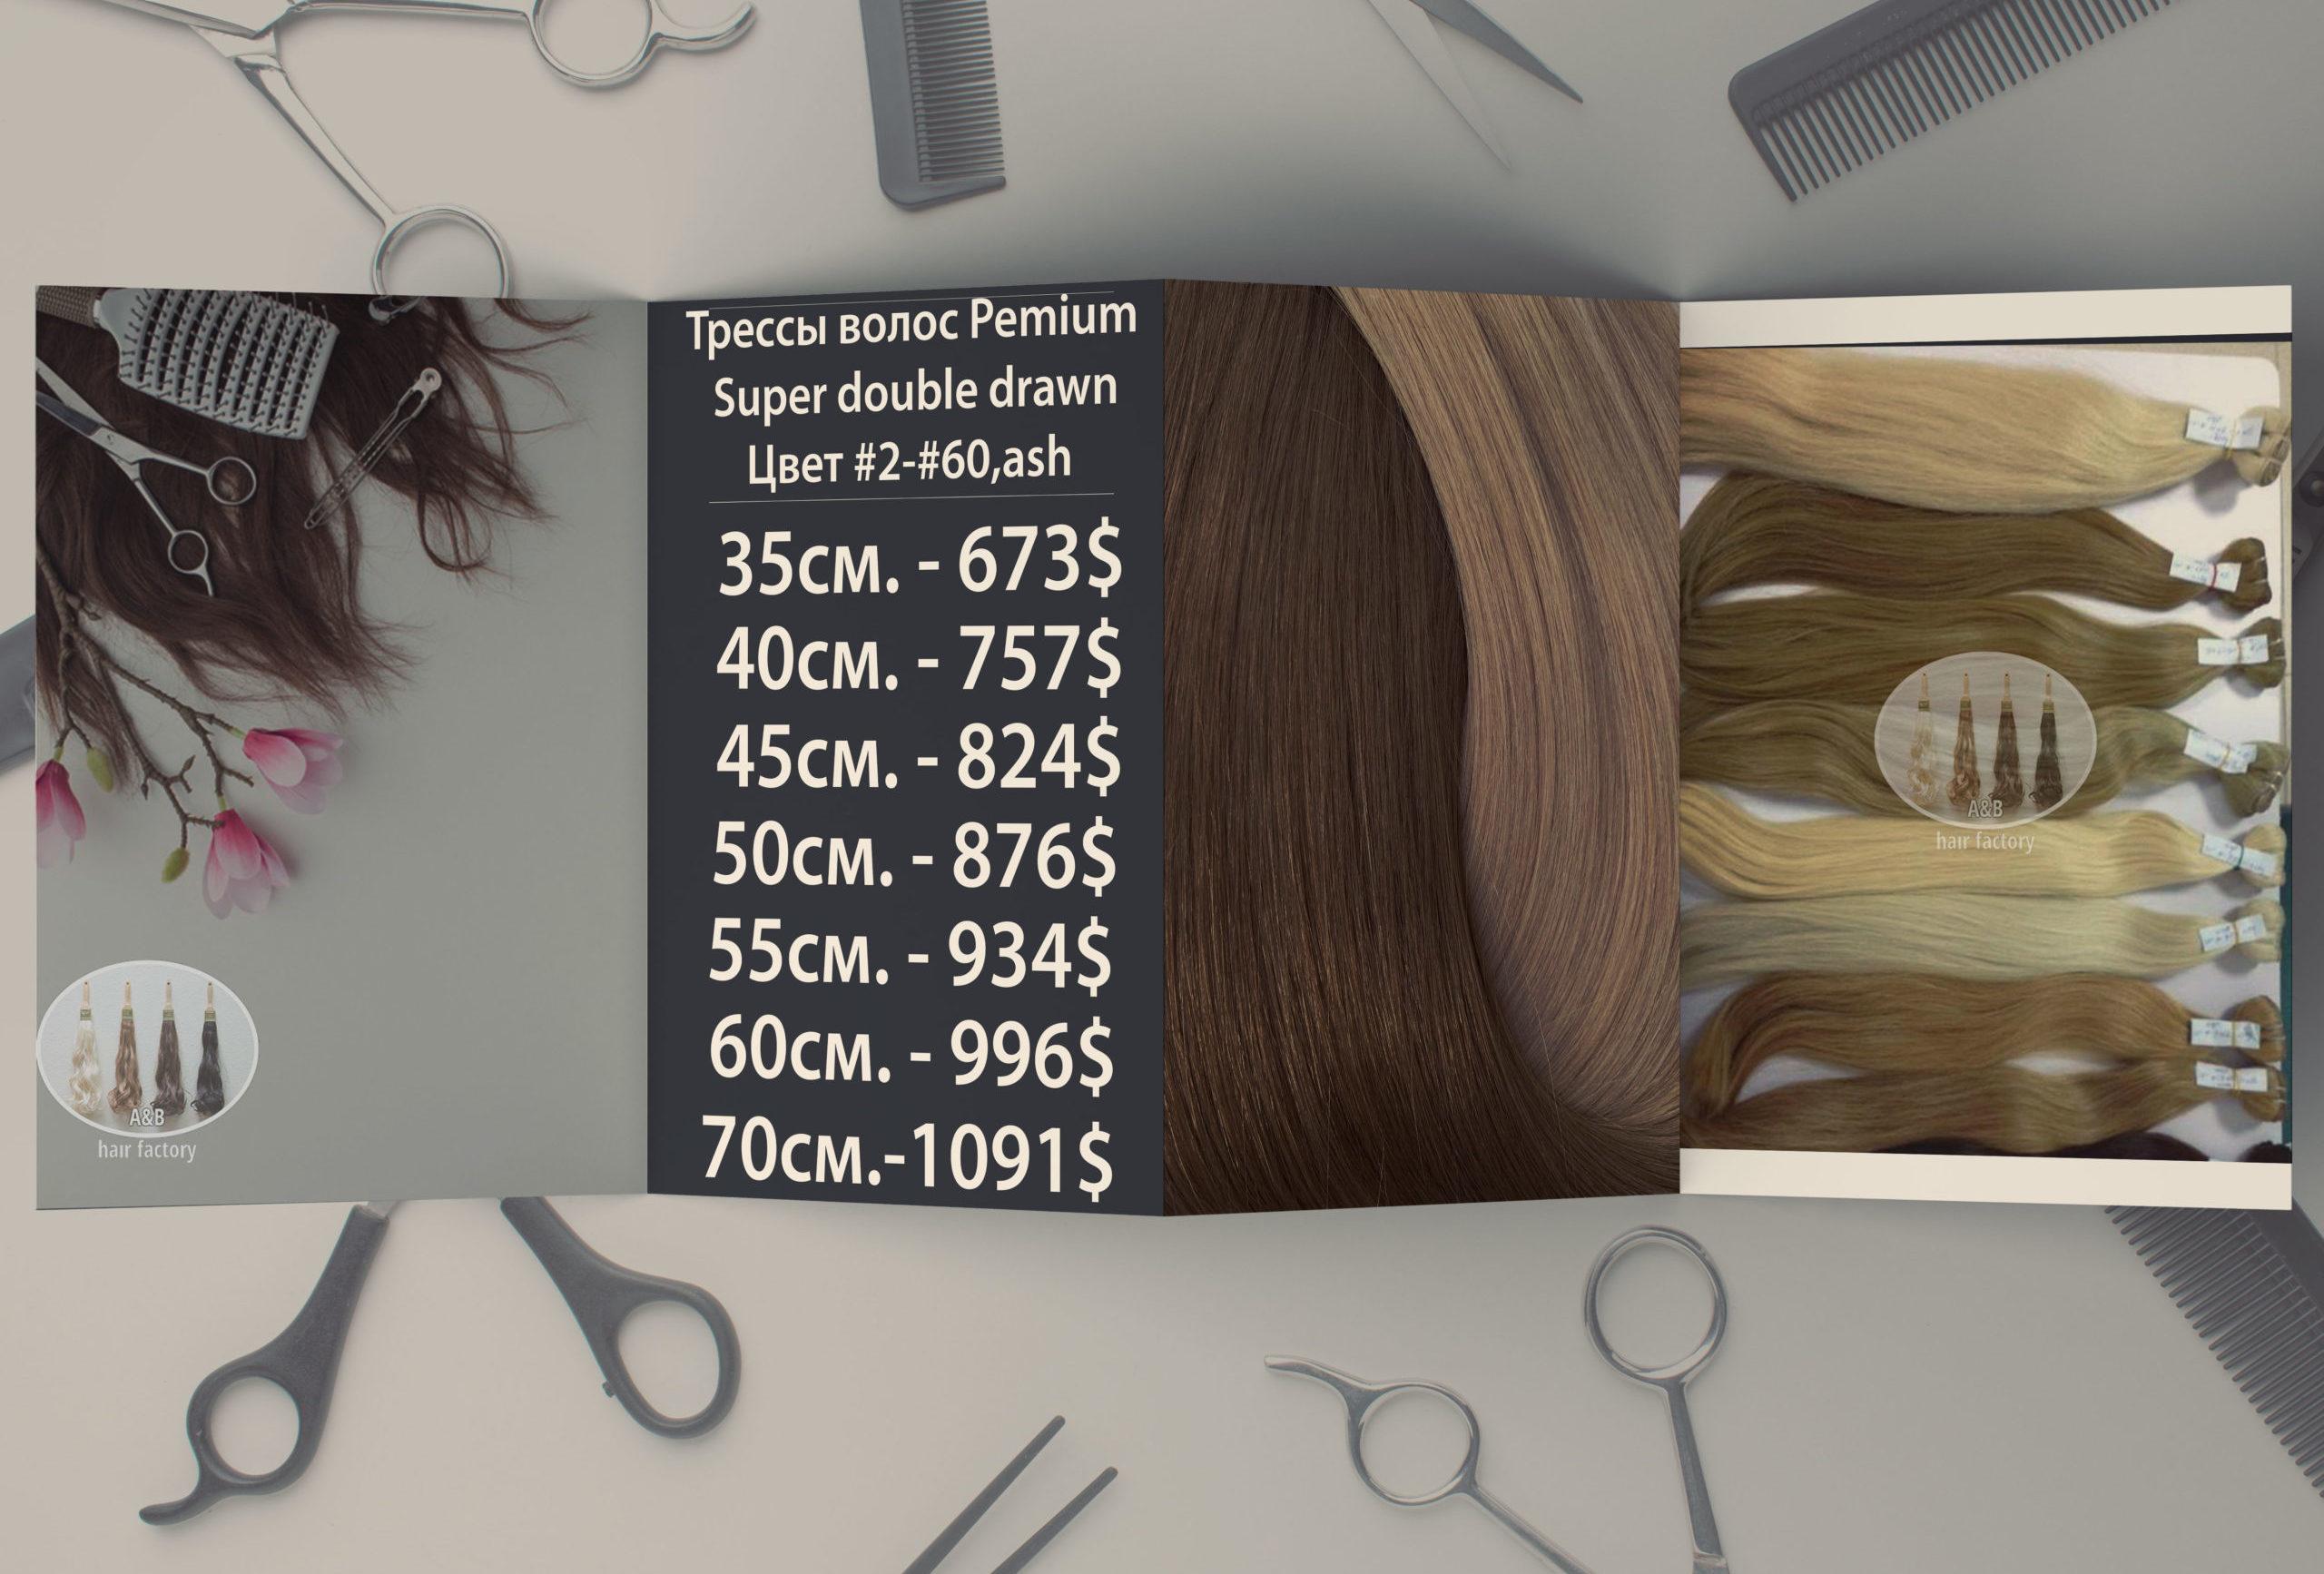 Цены на волосы на треммах A&B hair